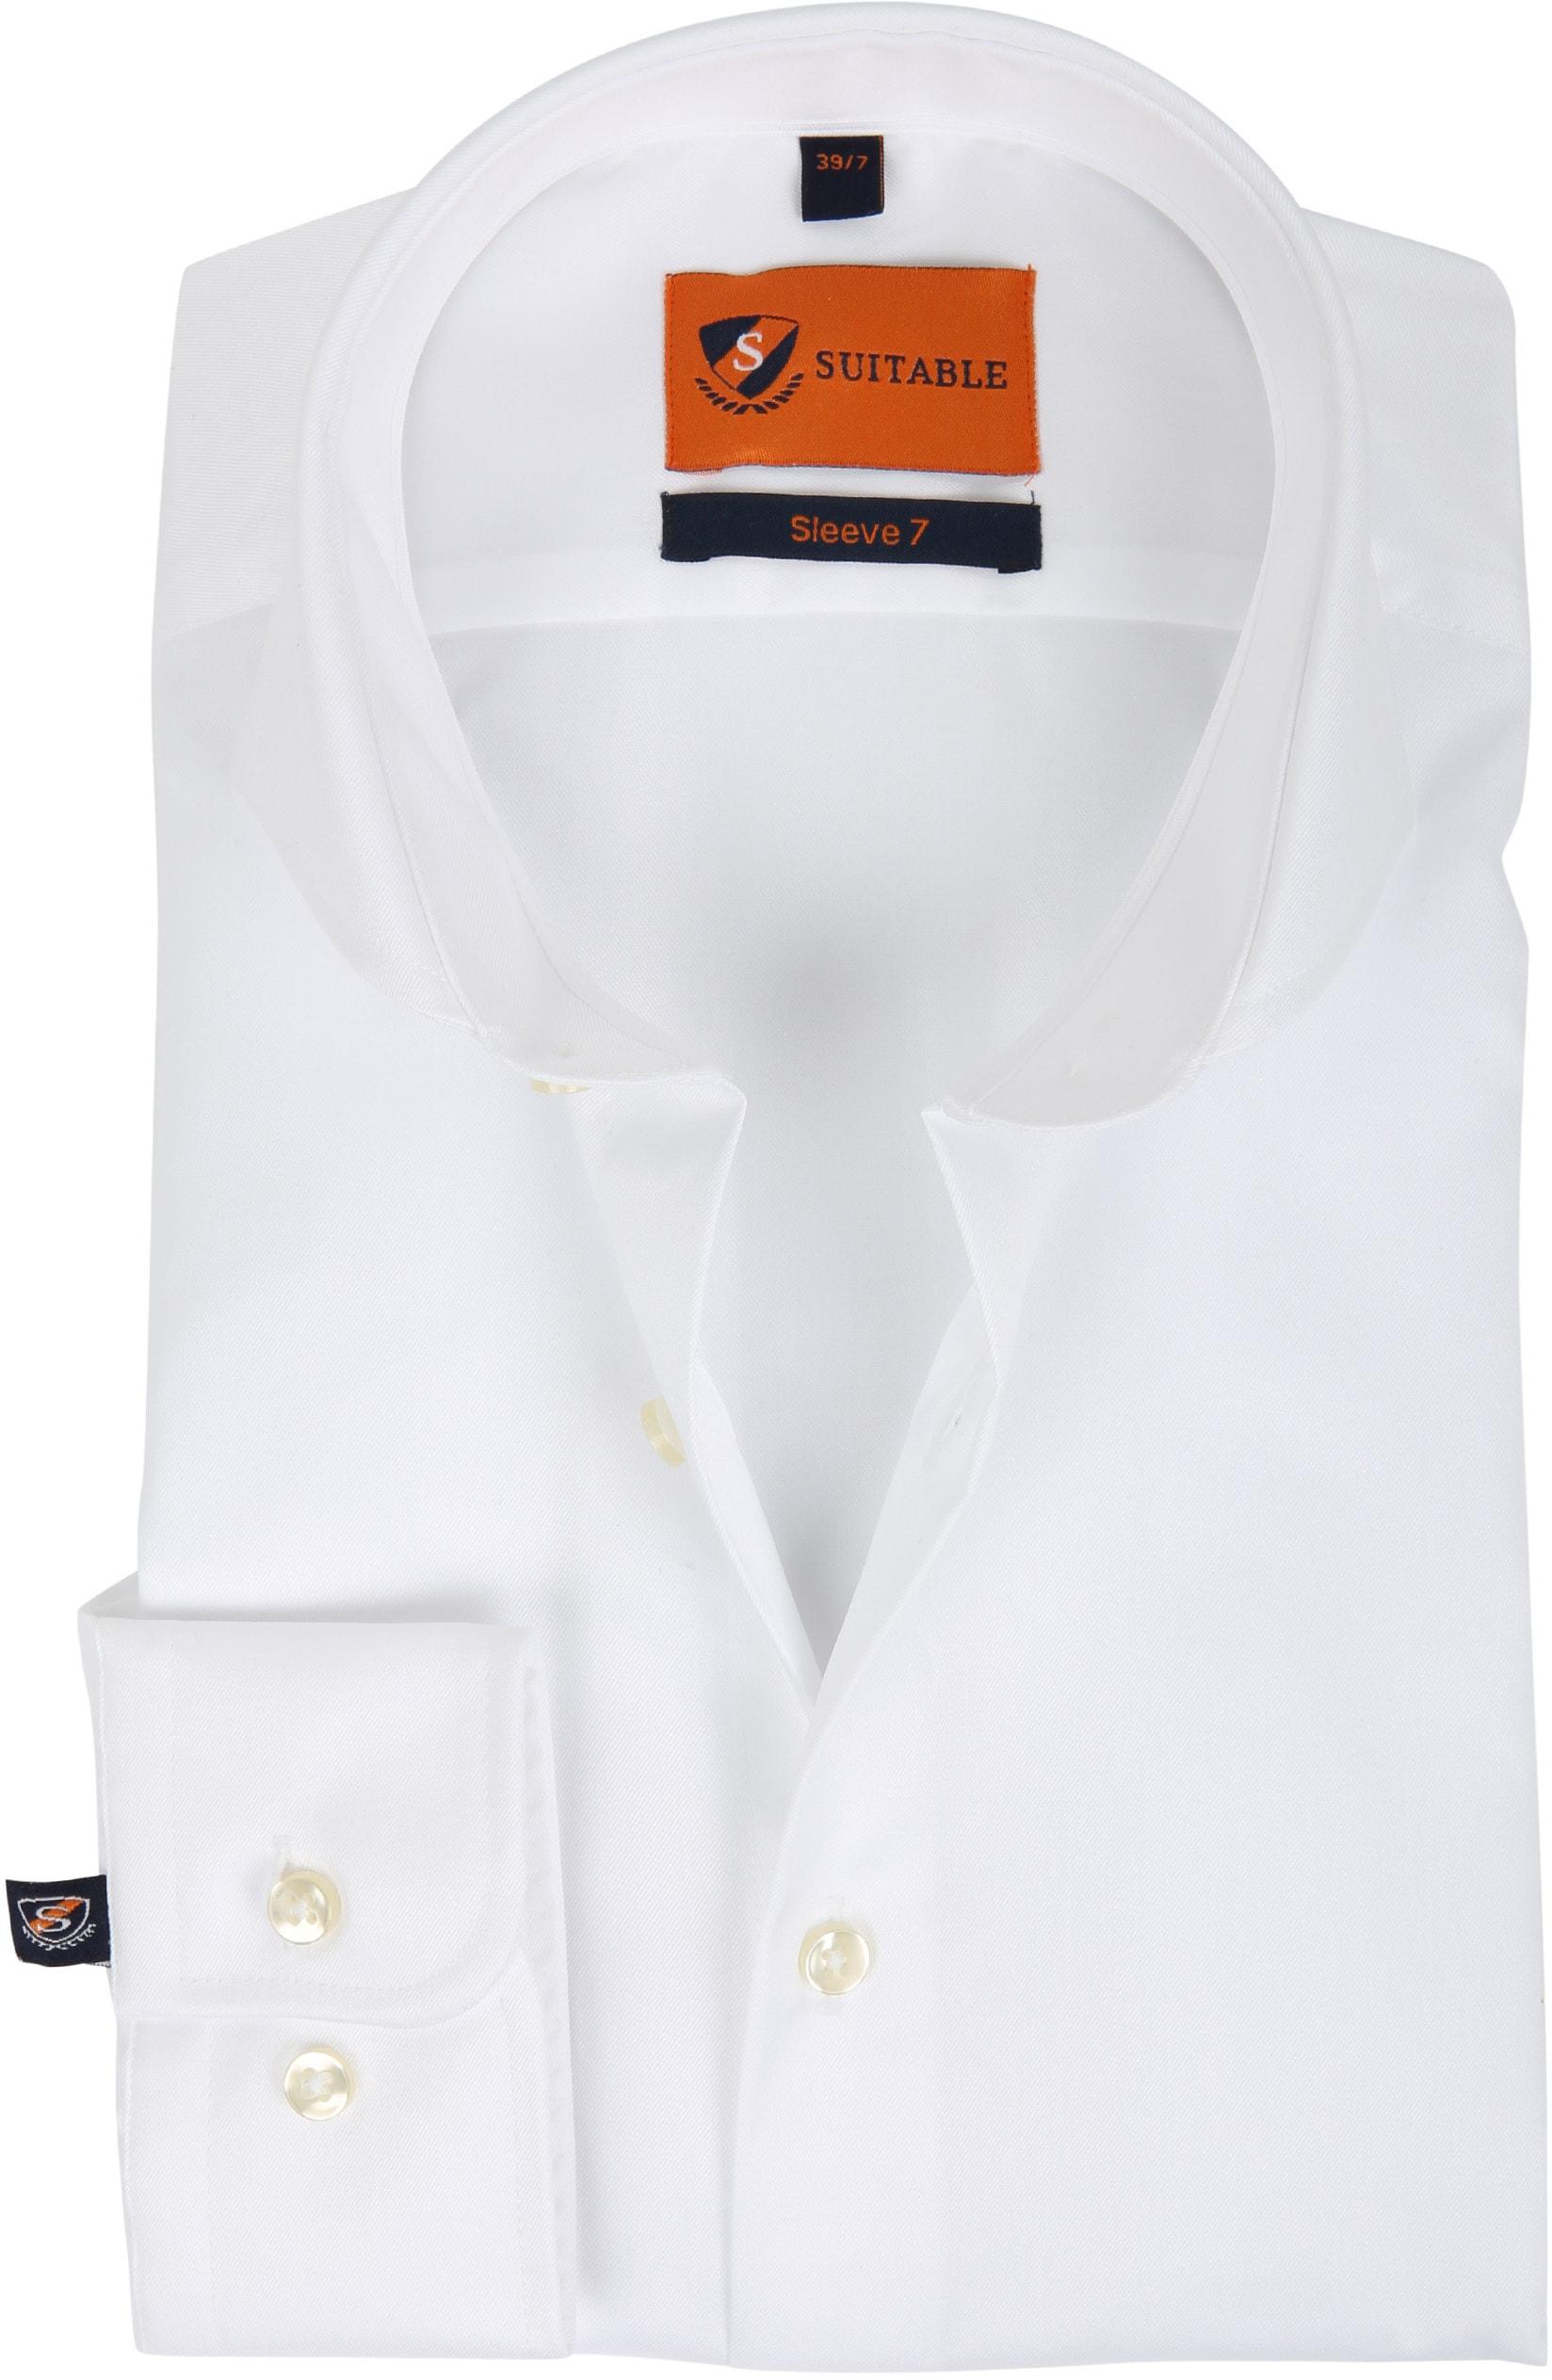 Suitable Hemd SL7 Weiß 180-1 foto 0